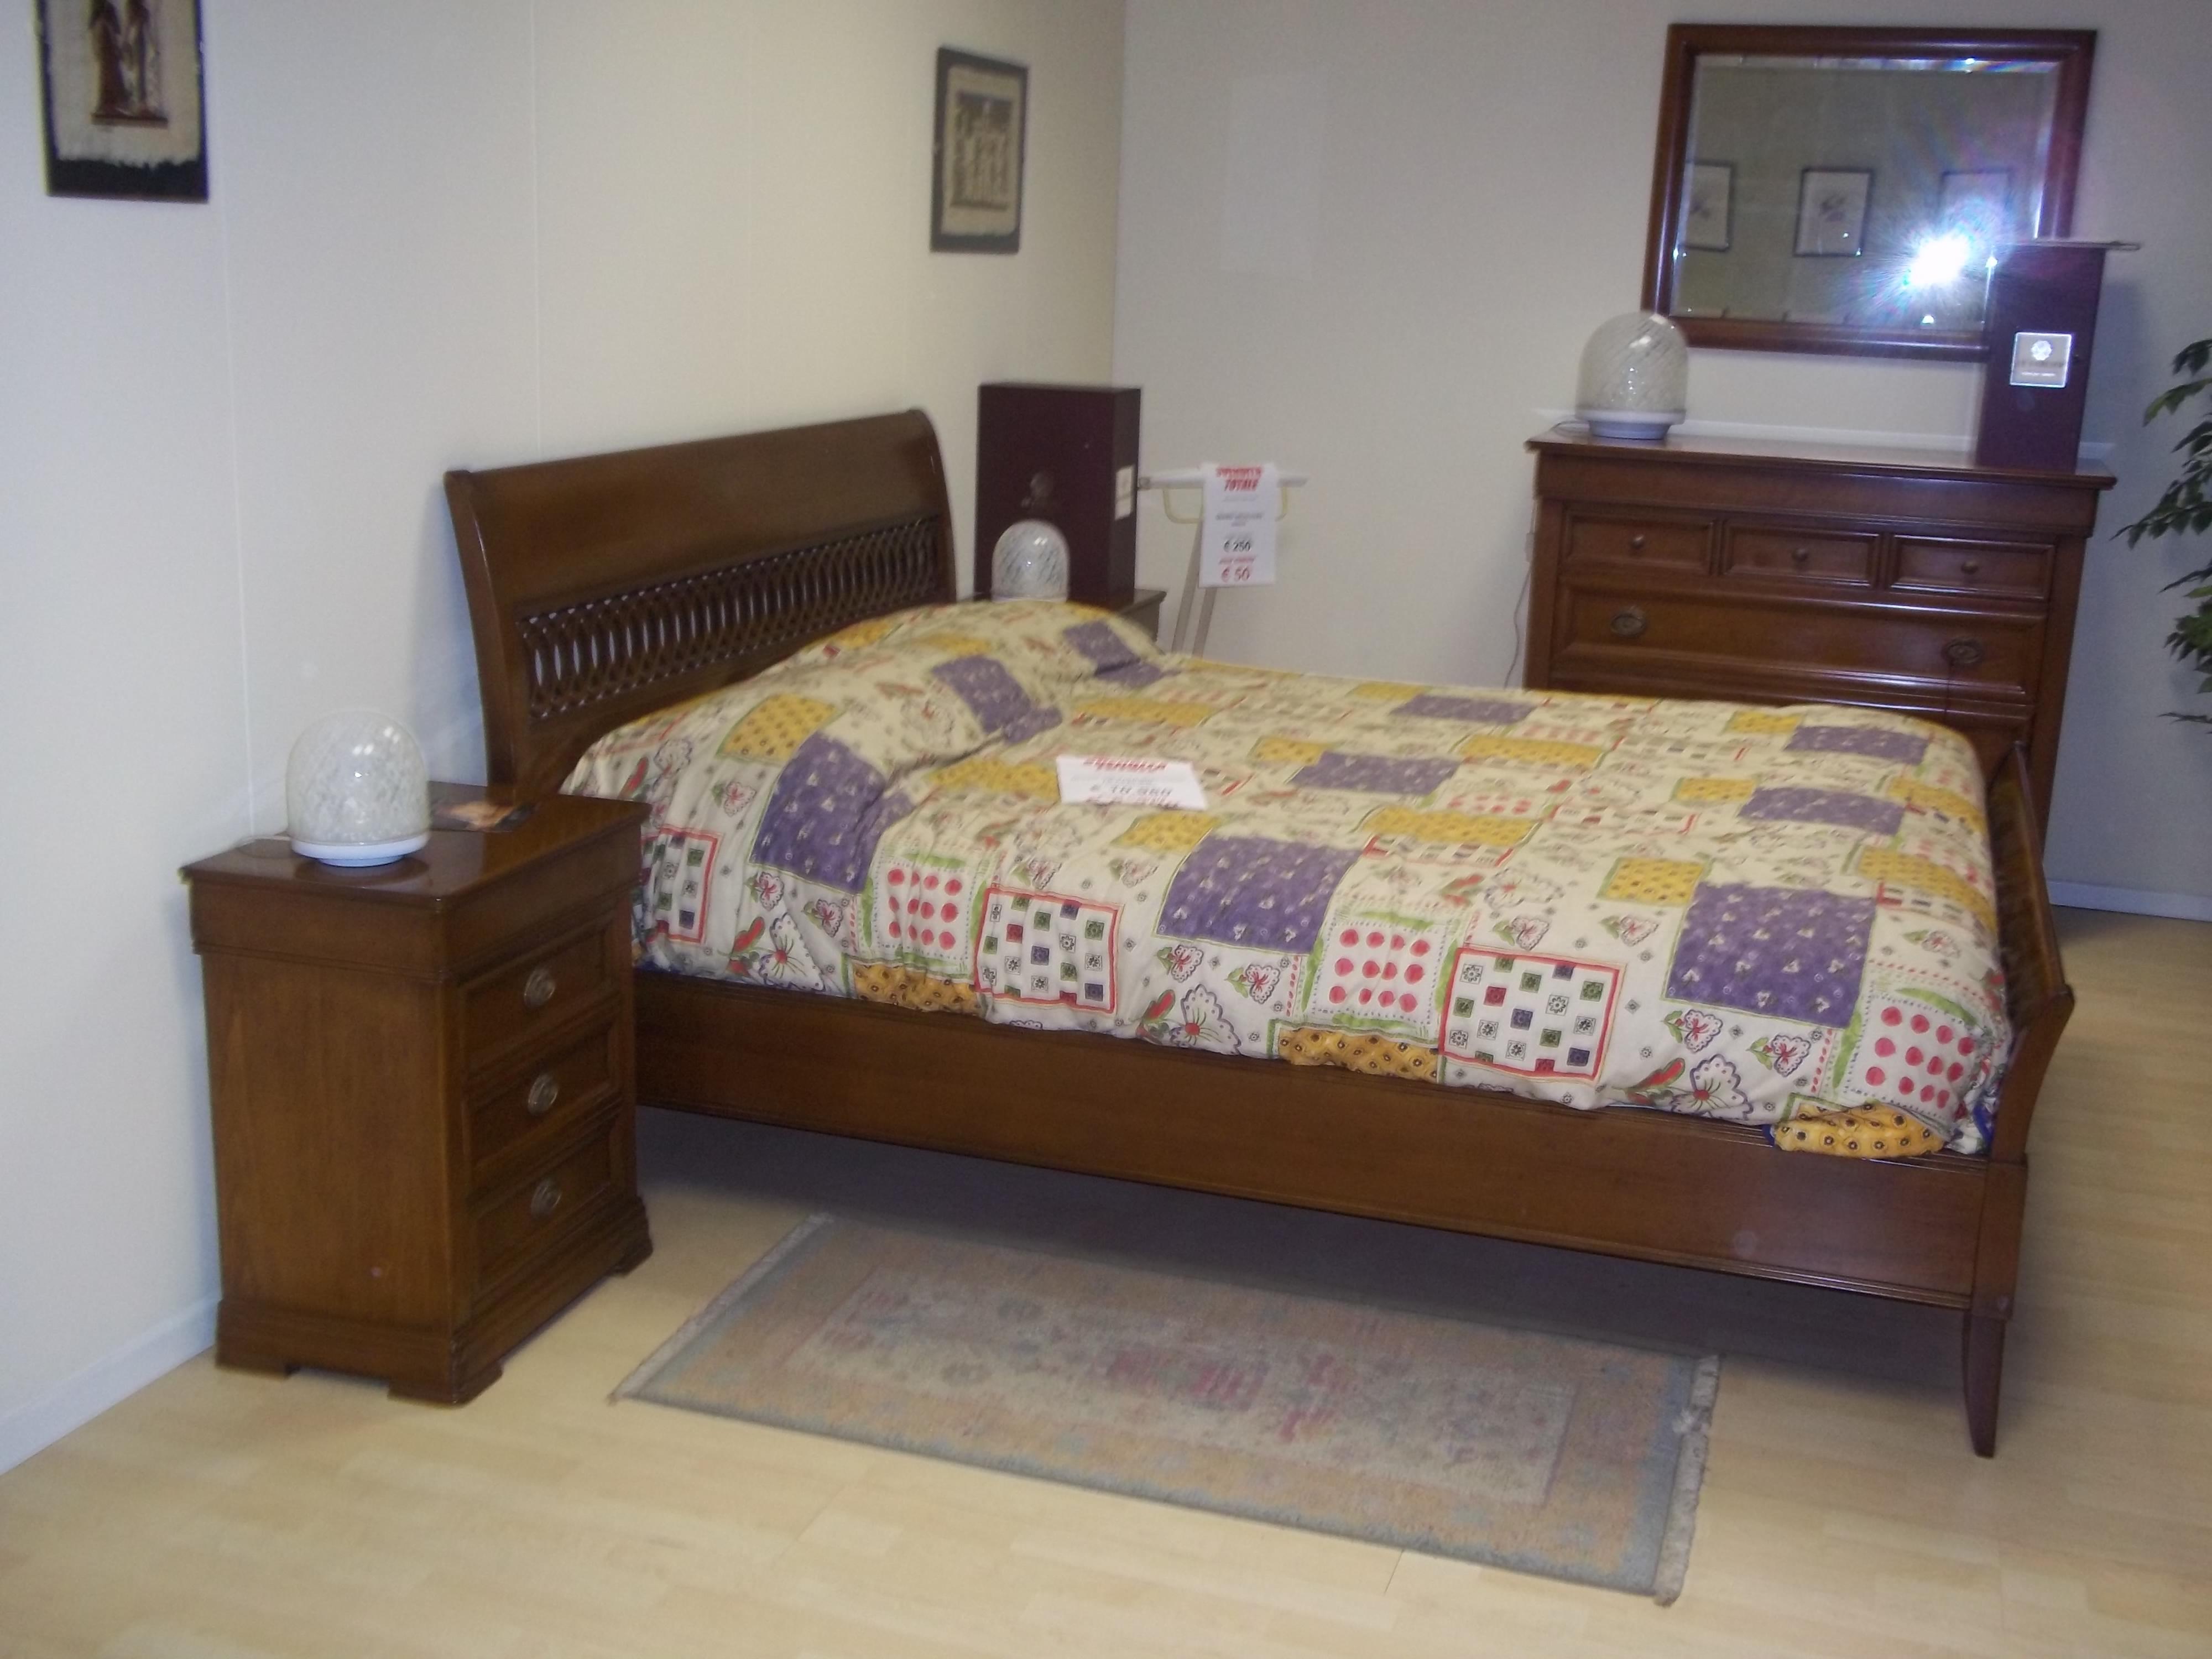 Affordable arredamento stile veneziano moderno arredamento for Arredamento stile inglese bianco